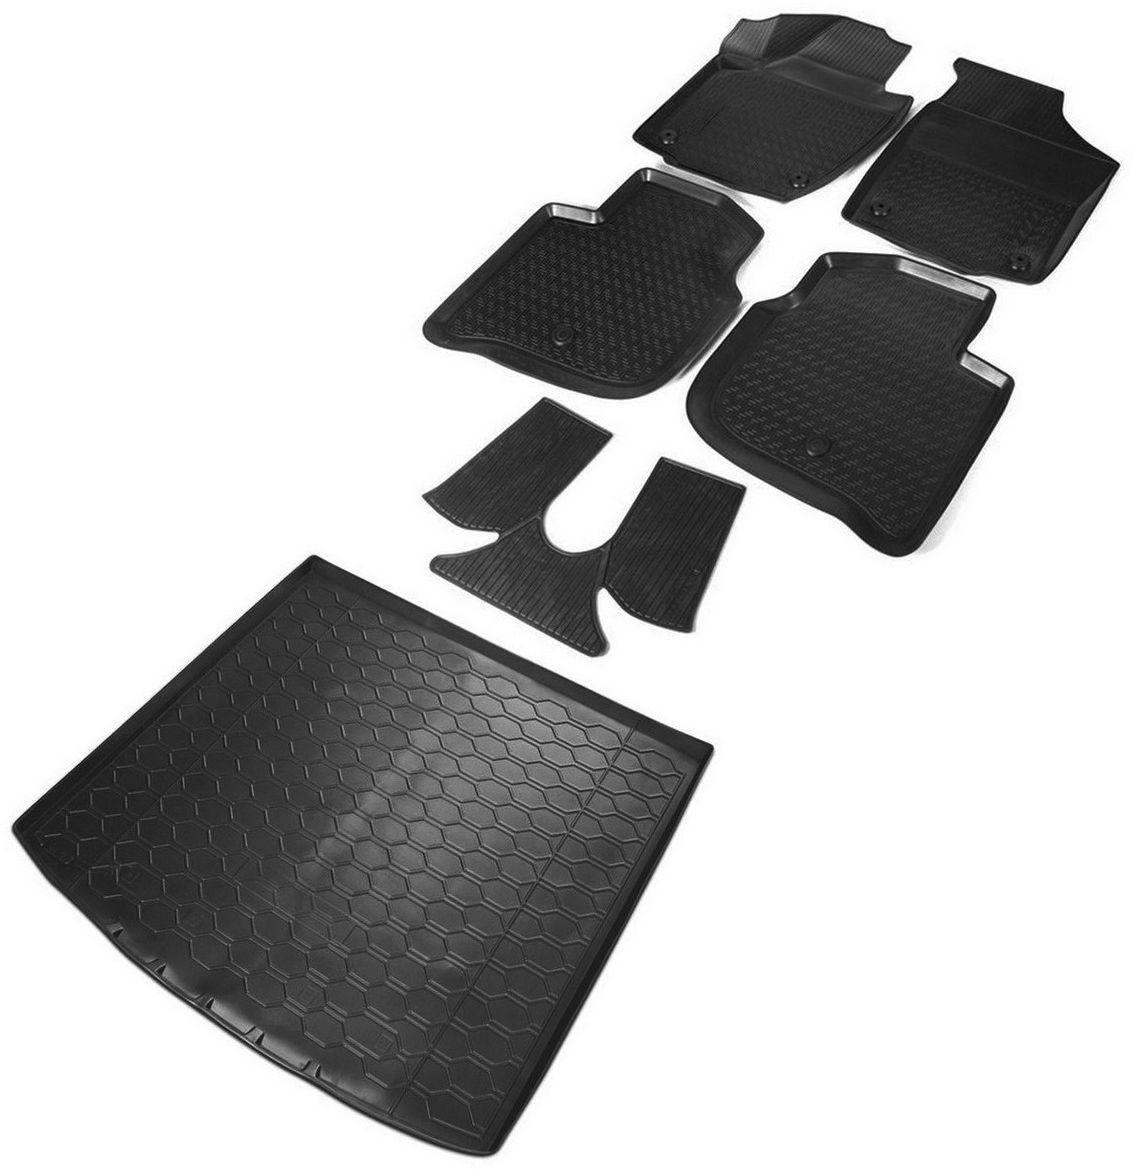 Комплект ковриков салона и багажника Rival для Skoda Rapid лифтбек 2013-2017 2017-н.в., полиуретан, с крепежом, с перемычкой, 6 шт. K15102001-2 комплект ковриков салона и багажника rival для skoda rapid 2013 н в полиуретан k15102001 2